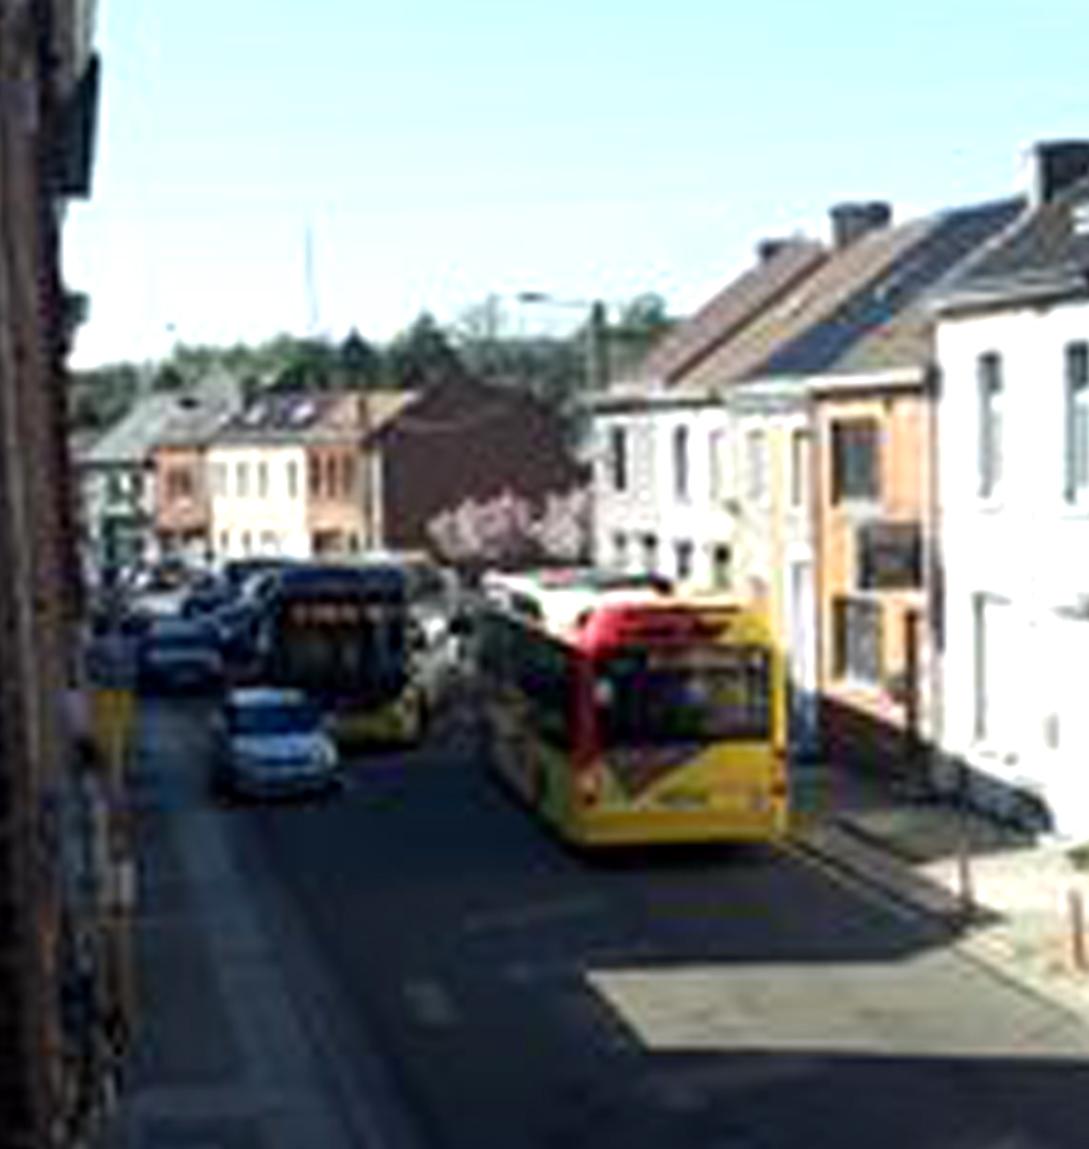 Problème pour les bus qui doivent manœuvrer à la rue des haies